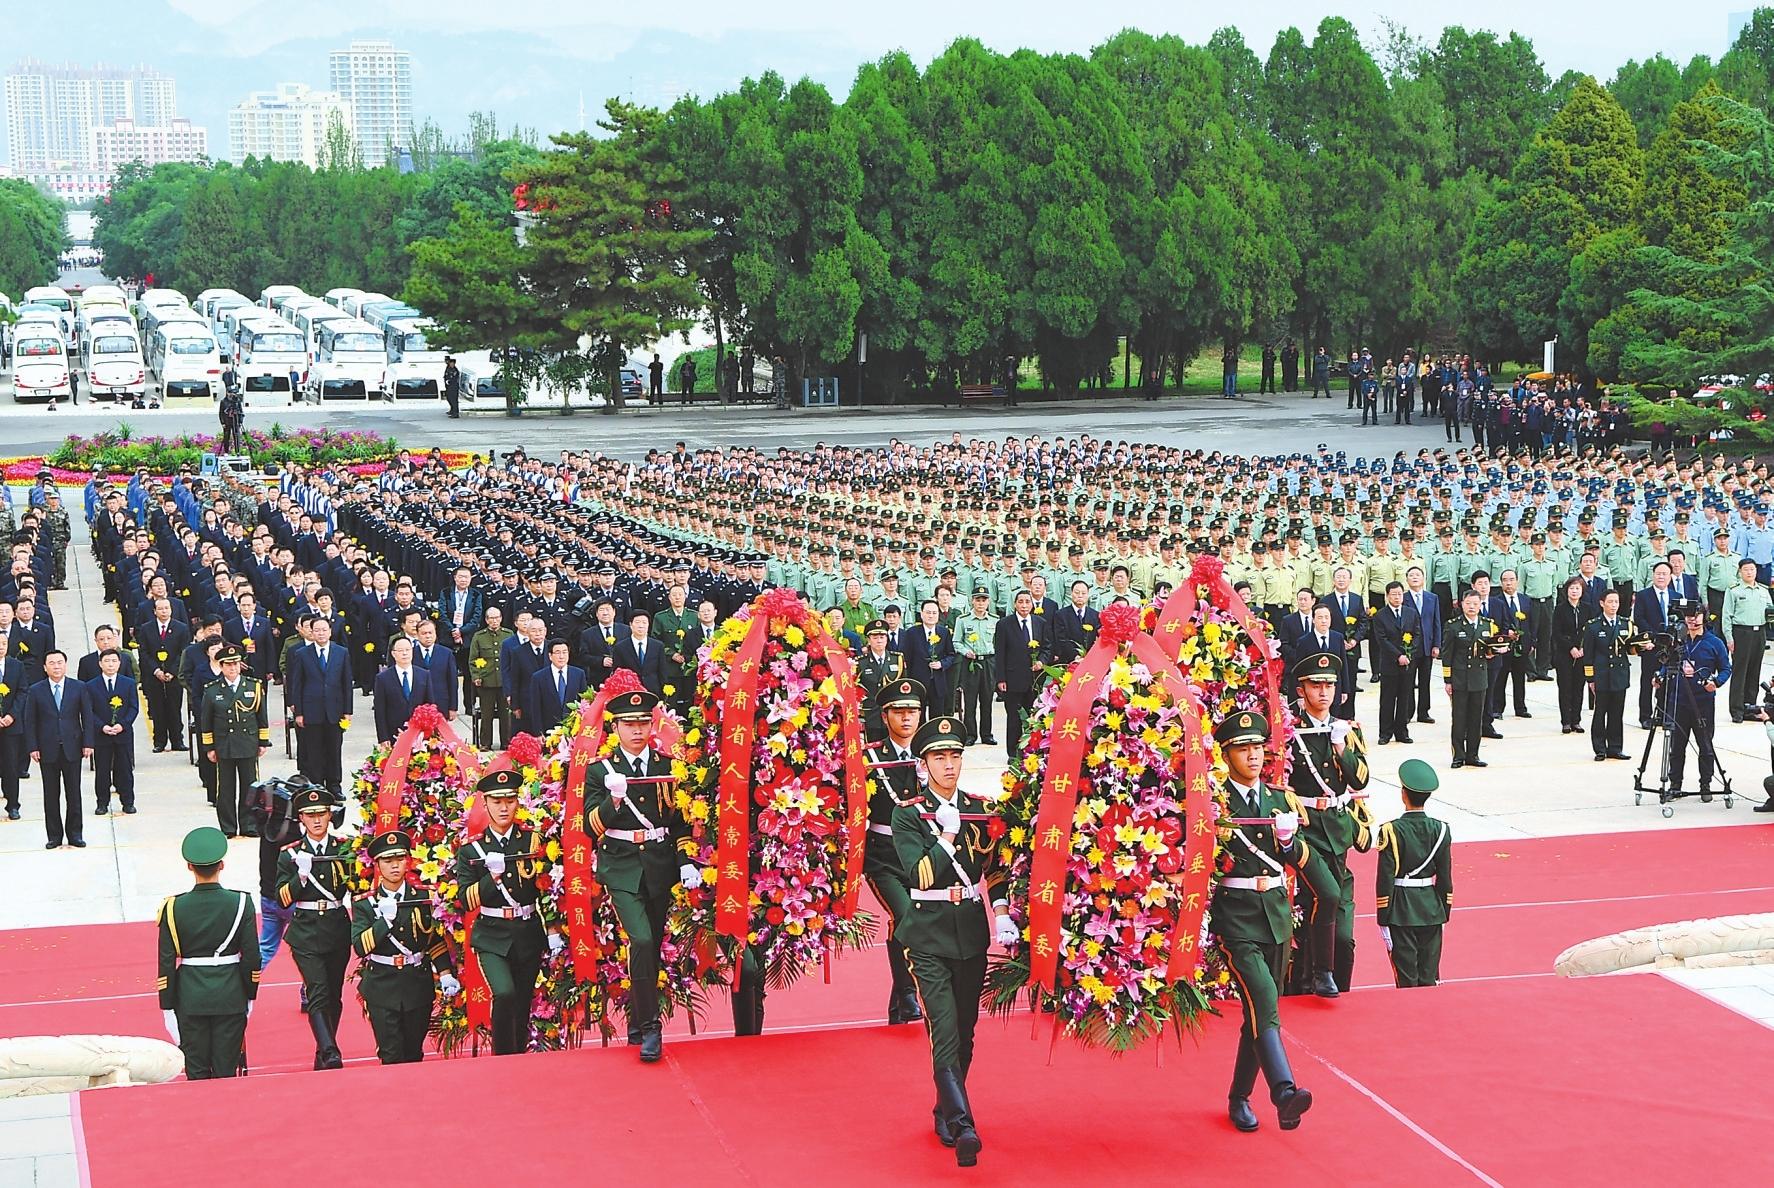 省城各界隆重举行烈士纪念日公祭活动